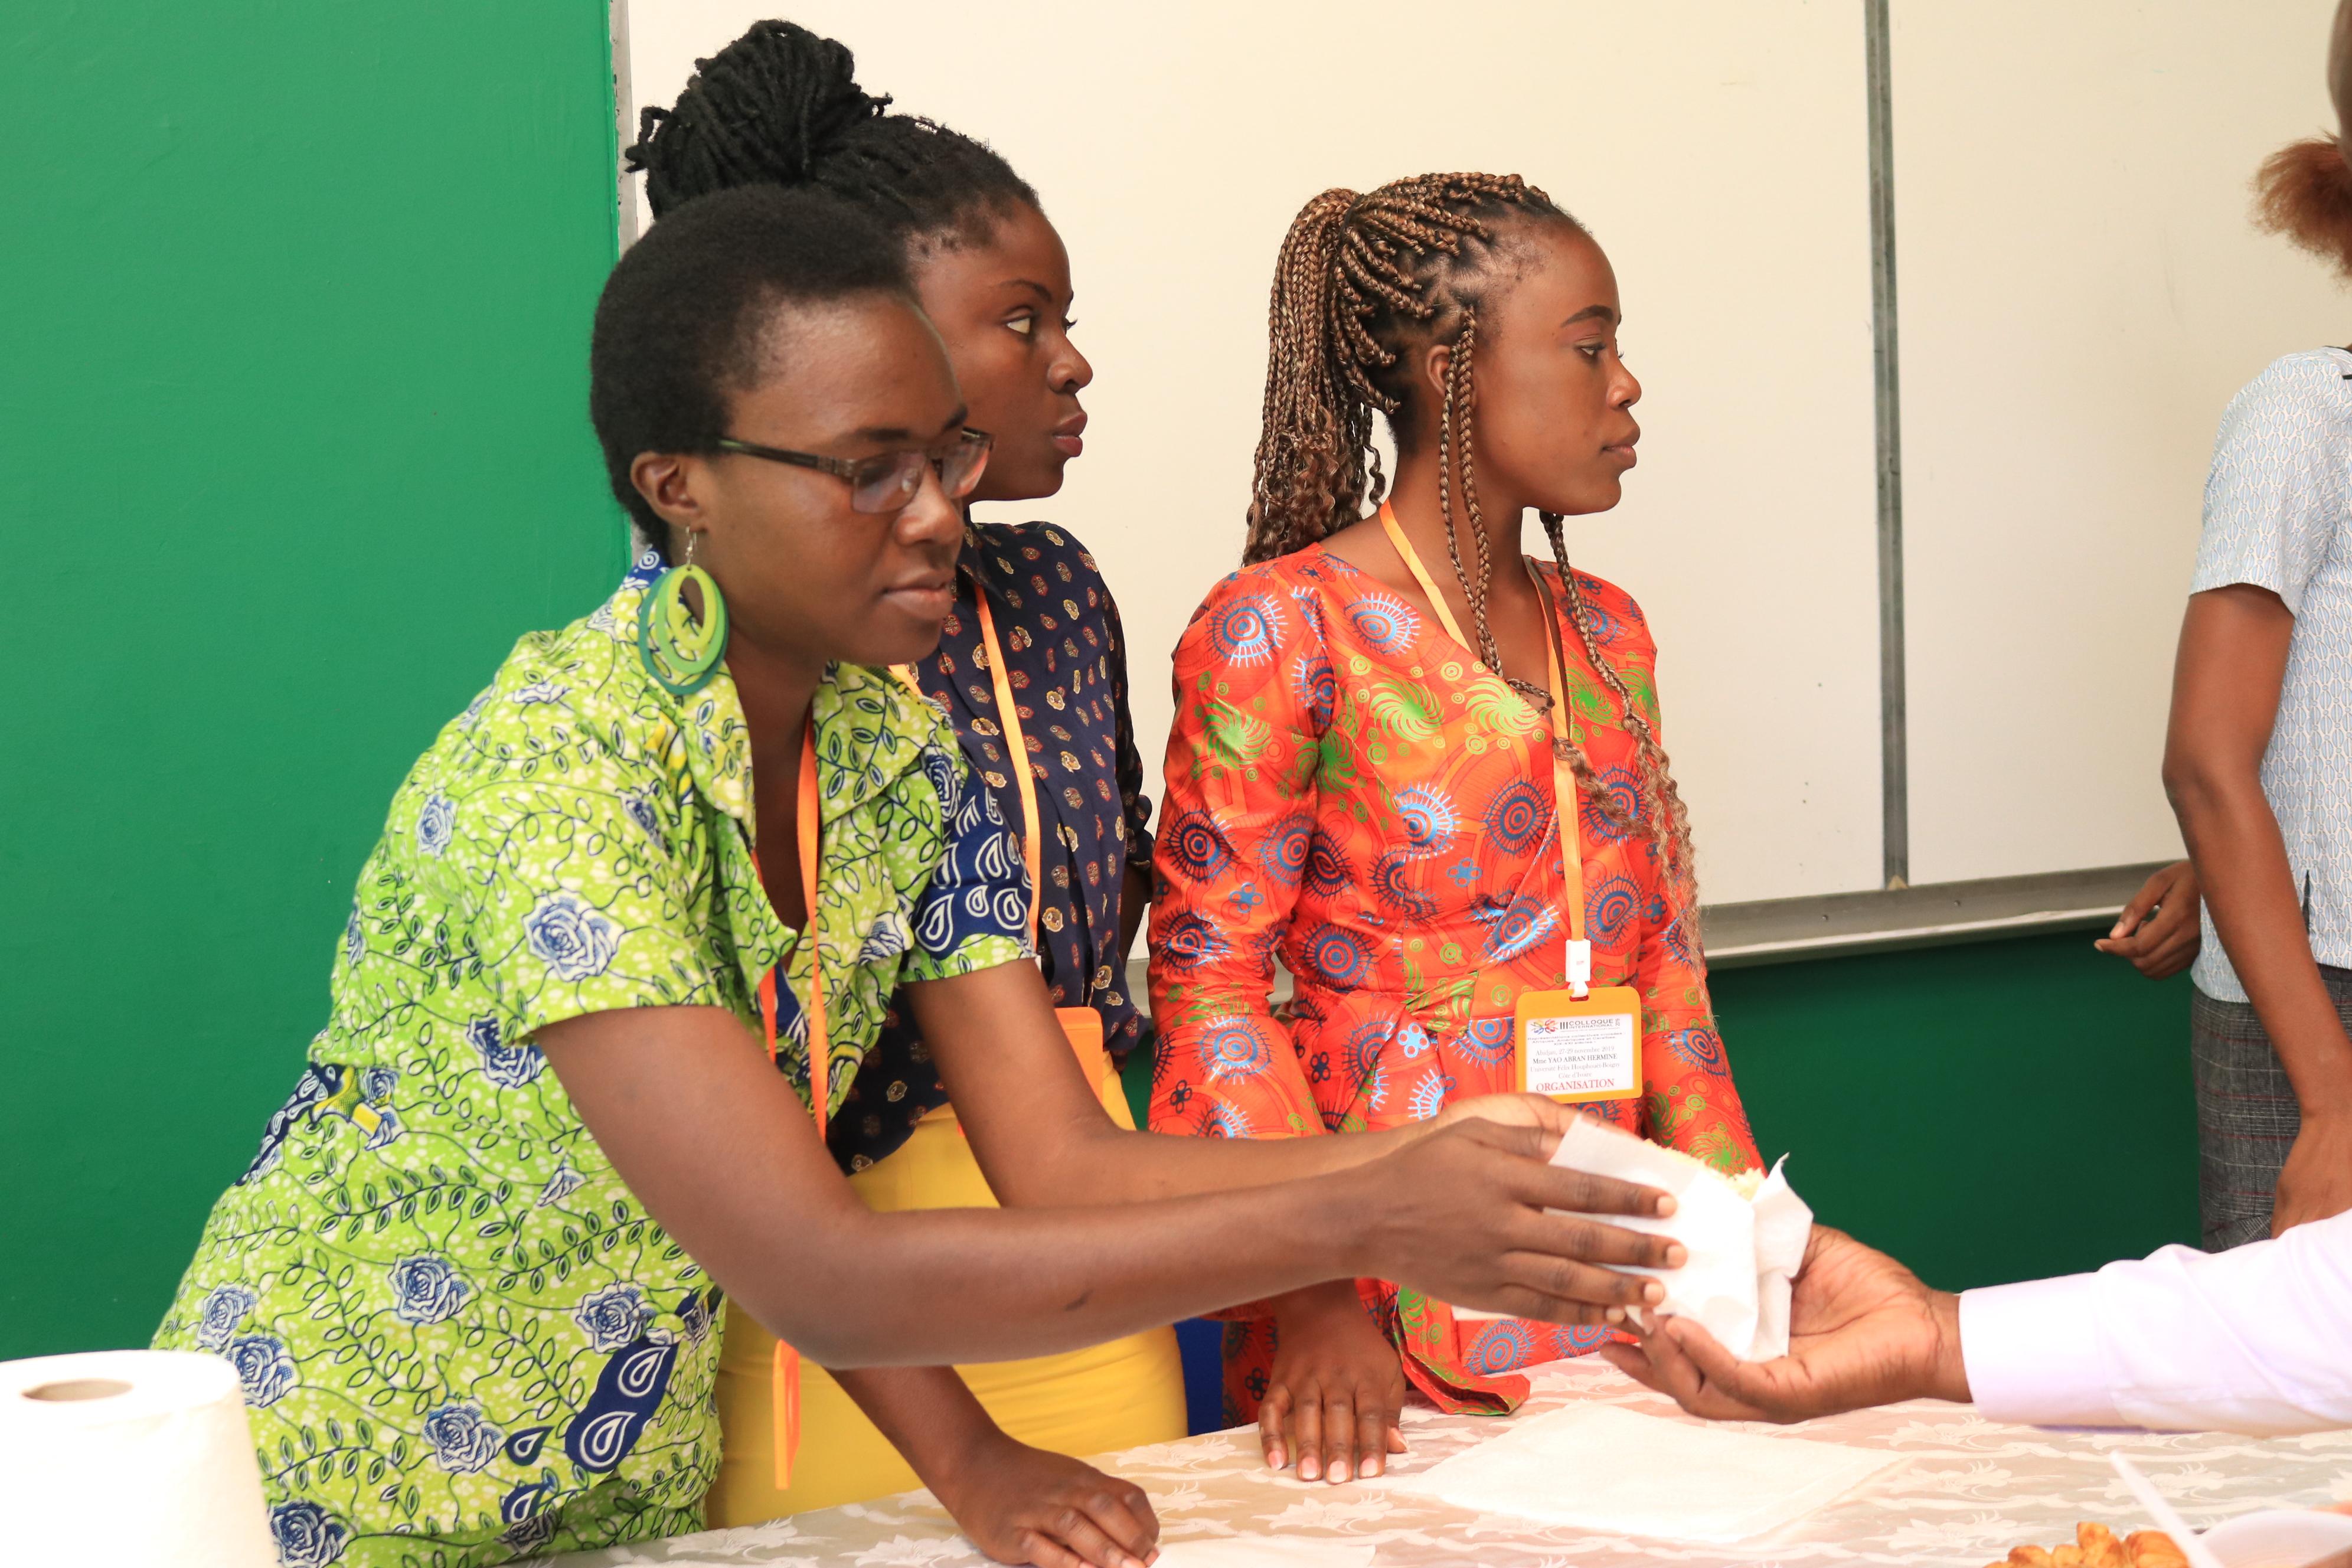 Congrès d'Abidjan 2019 - 10